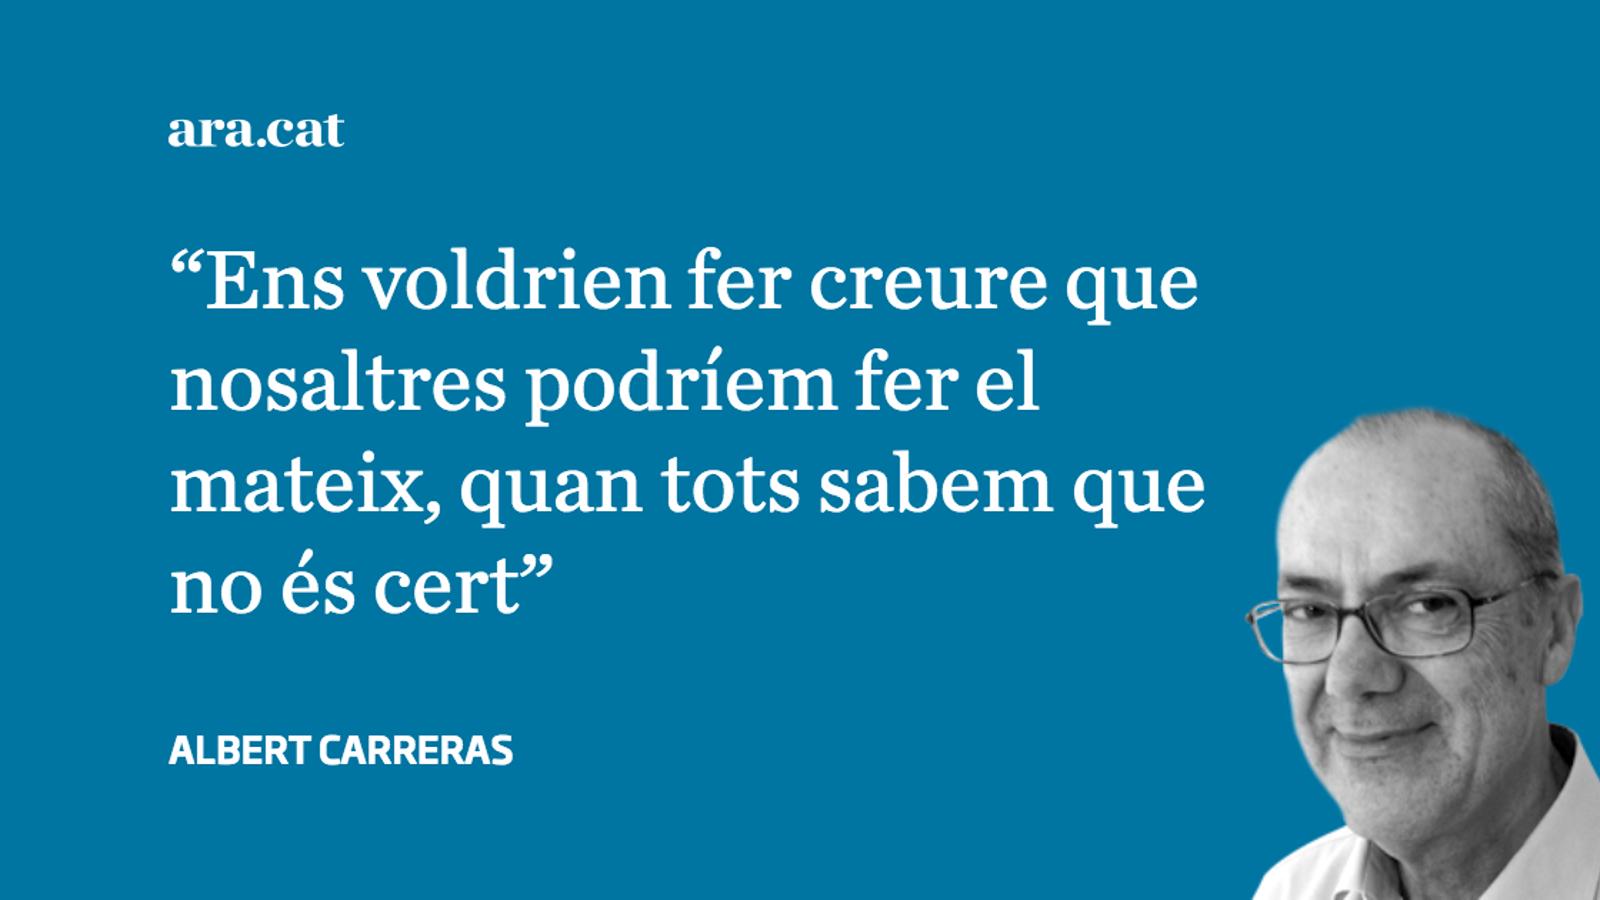 La nova quota basca: I Catalunya?